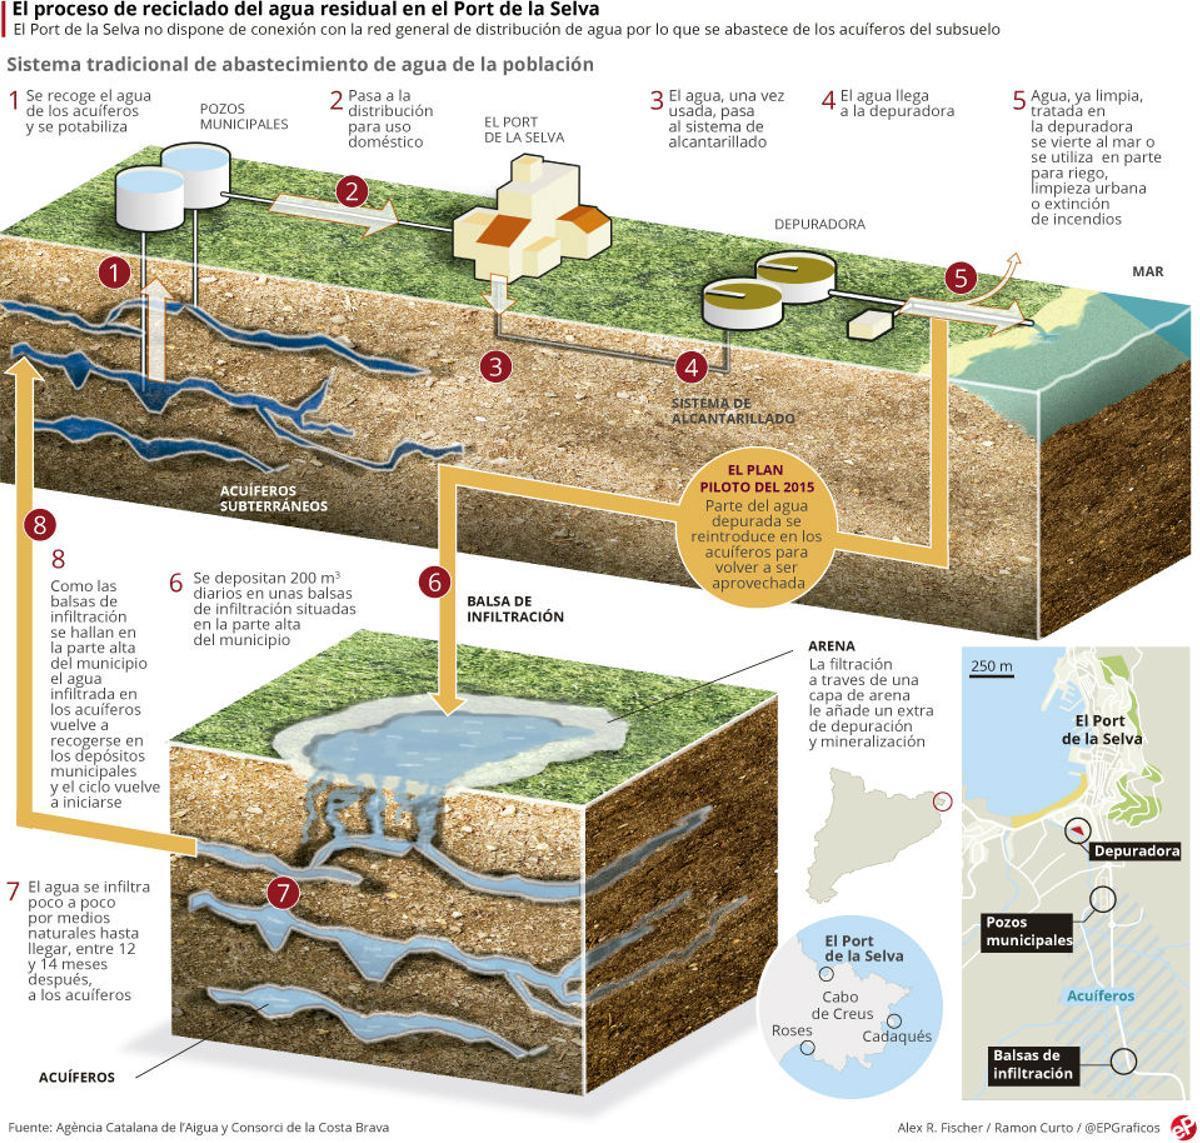 Catalunya ya bebe aguas residuales depuradas